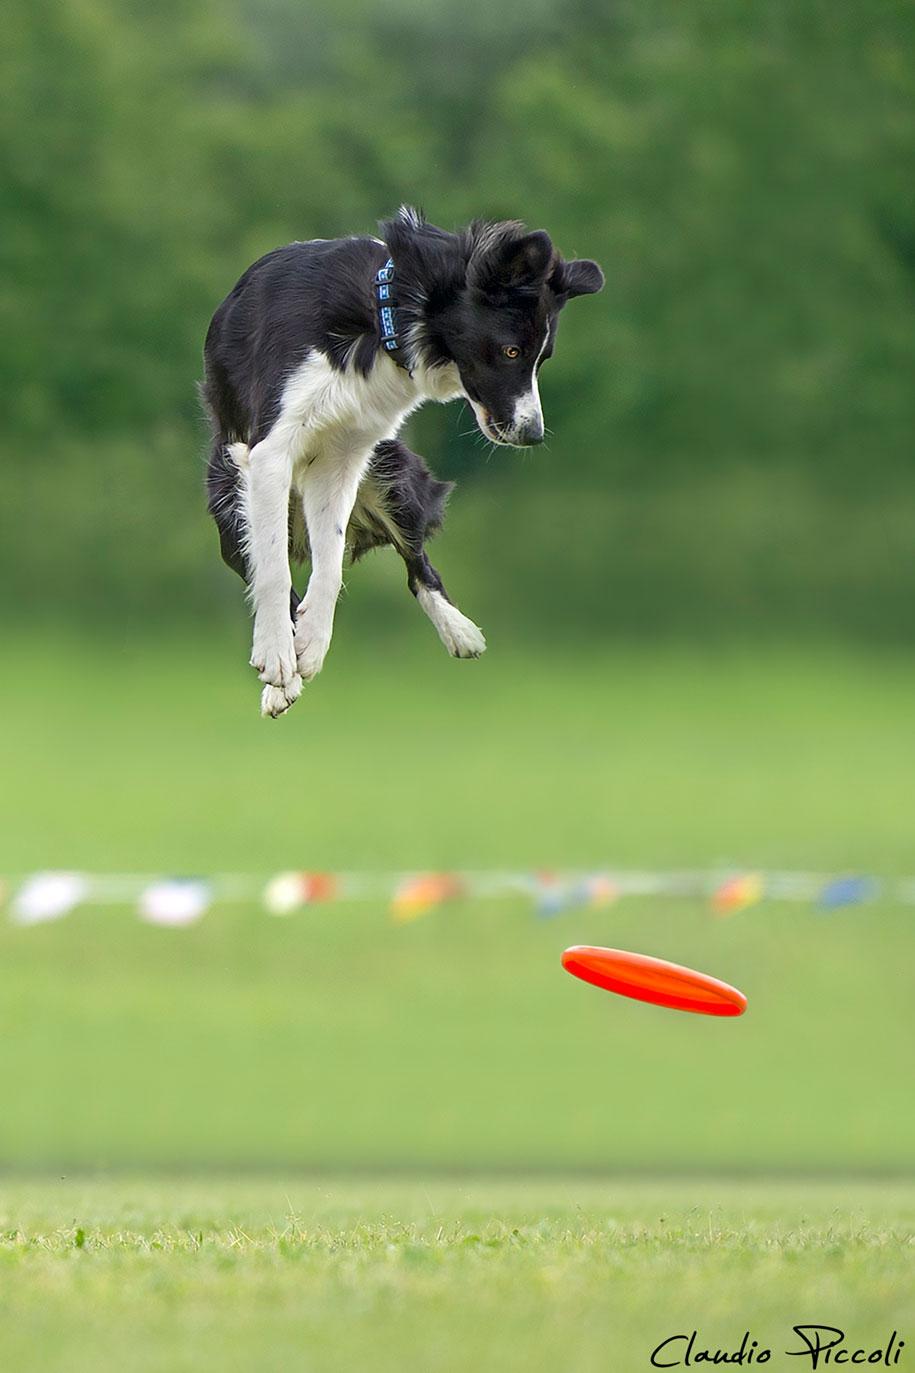 fotografia-cani-che-volano-frisbee-claudio-piccoli-02